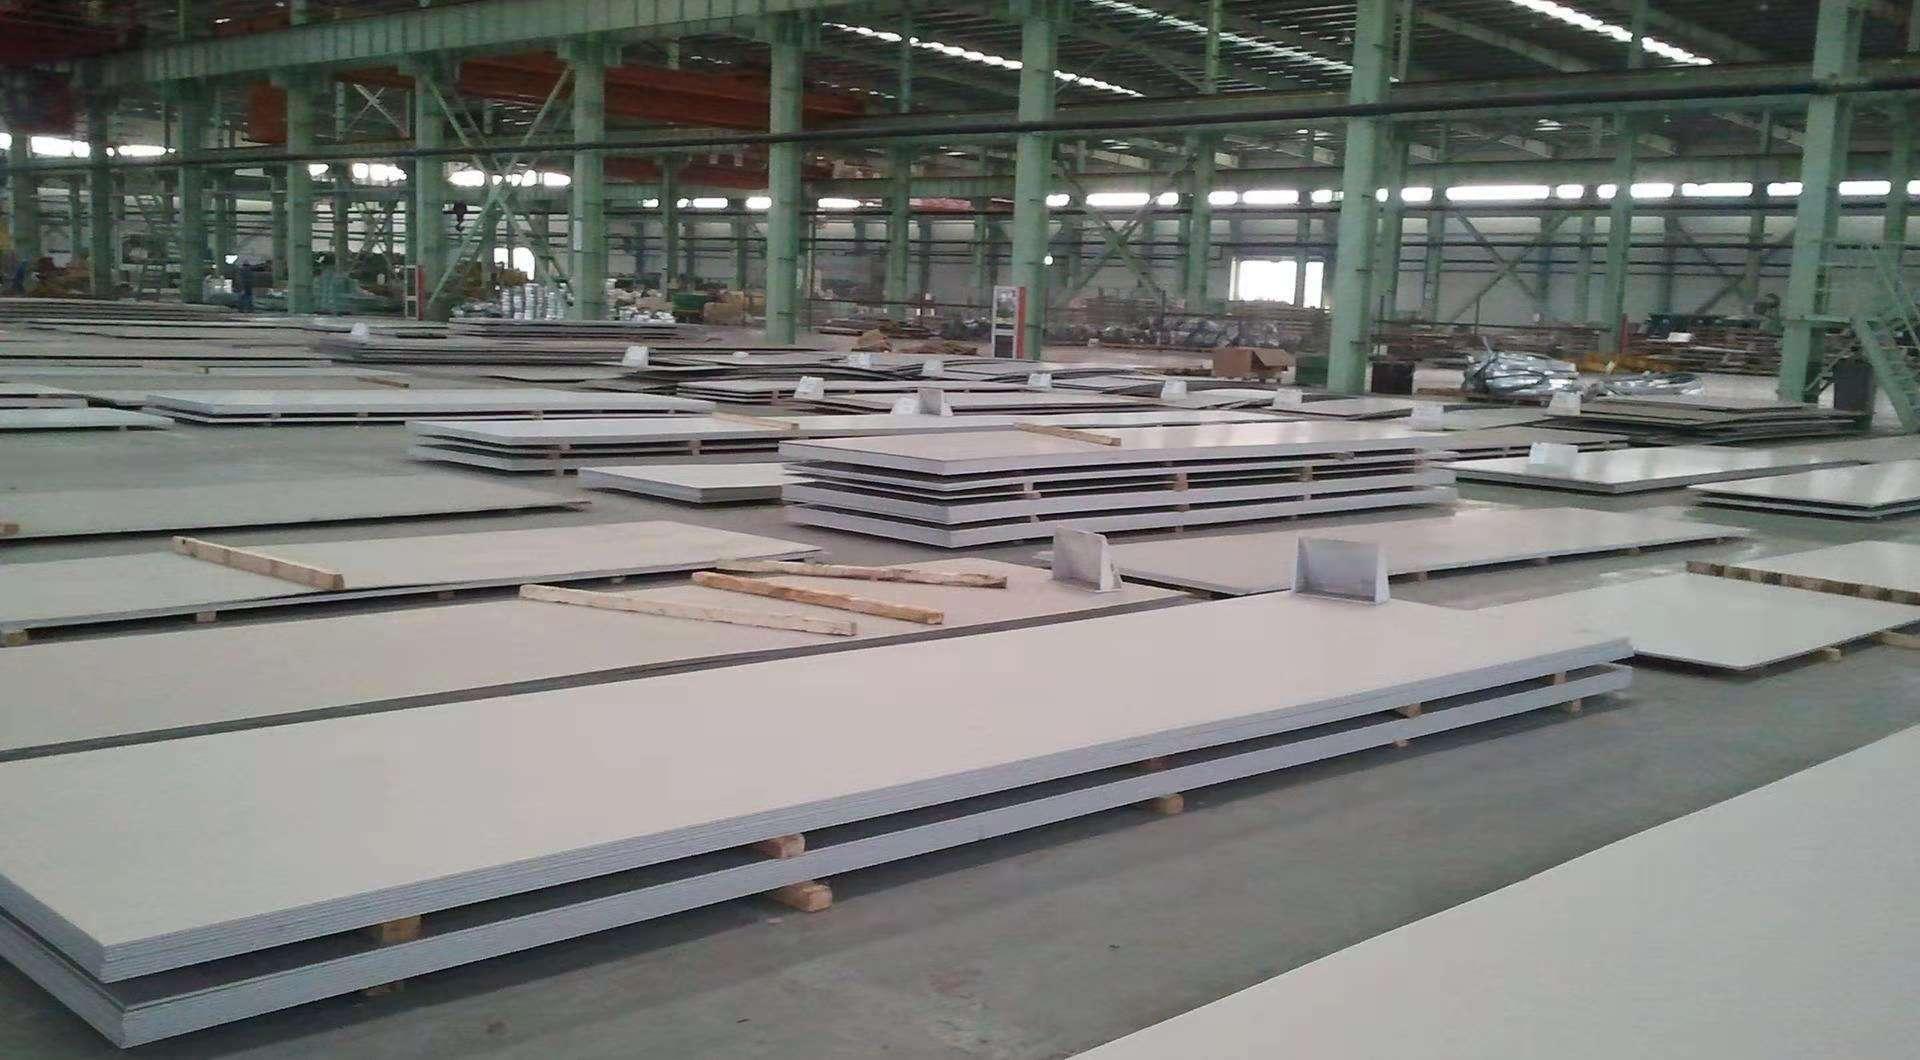 重庆专业无缝管厂家热销重无缝钢管 重庆专业不锈钢厂家热销重不锈钢管